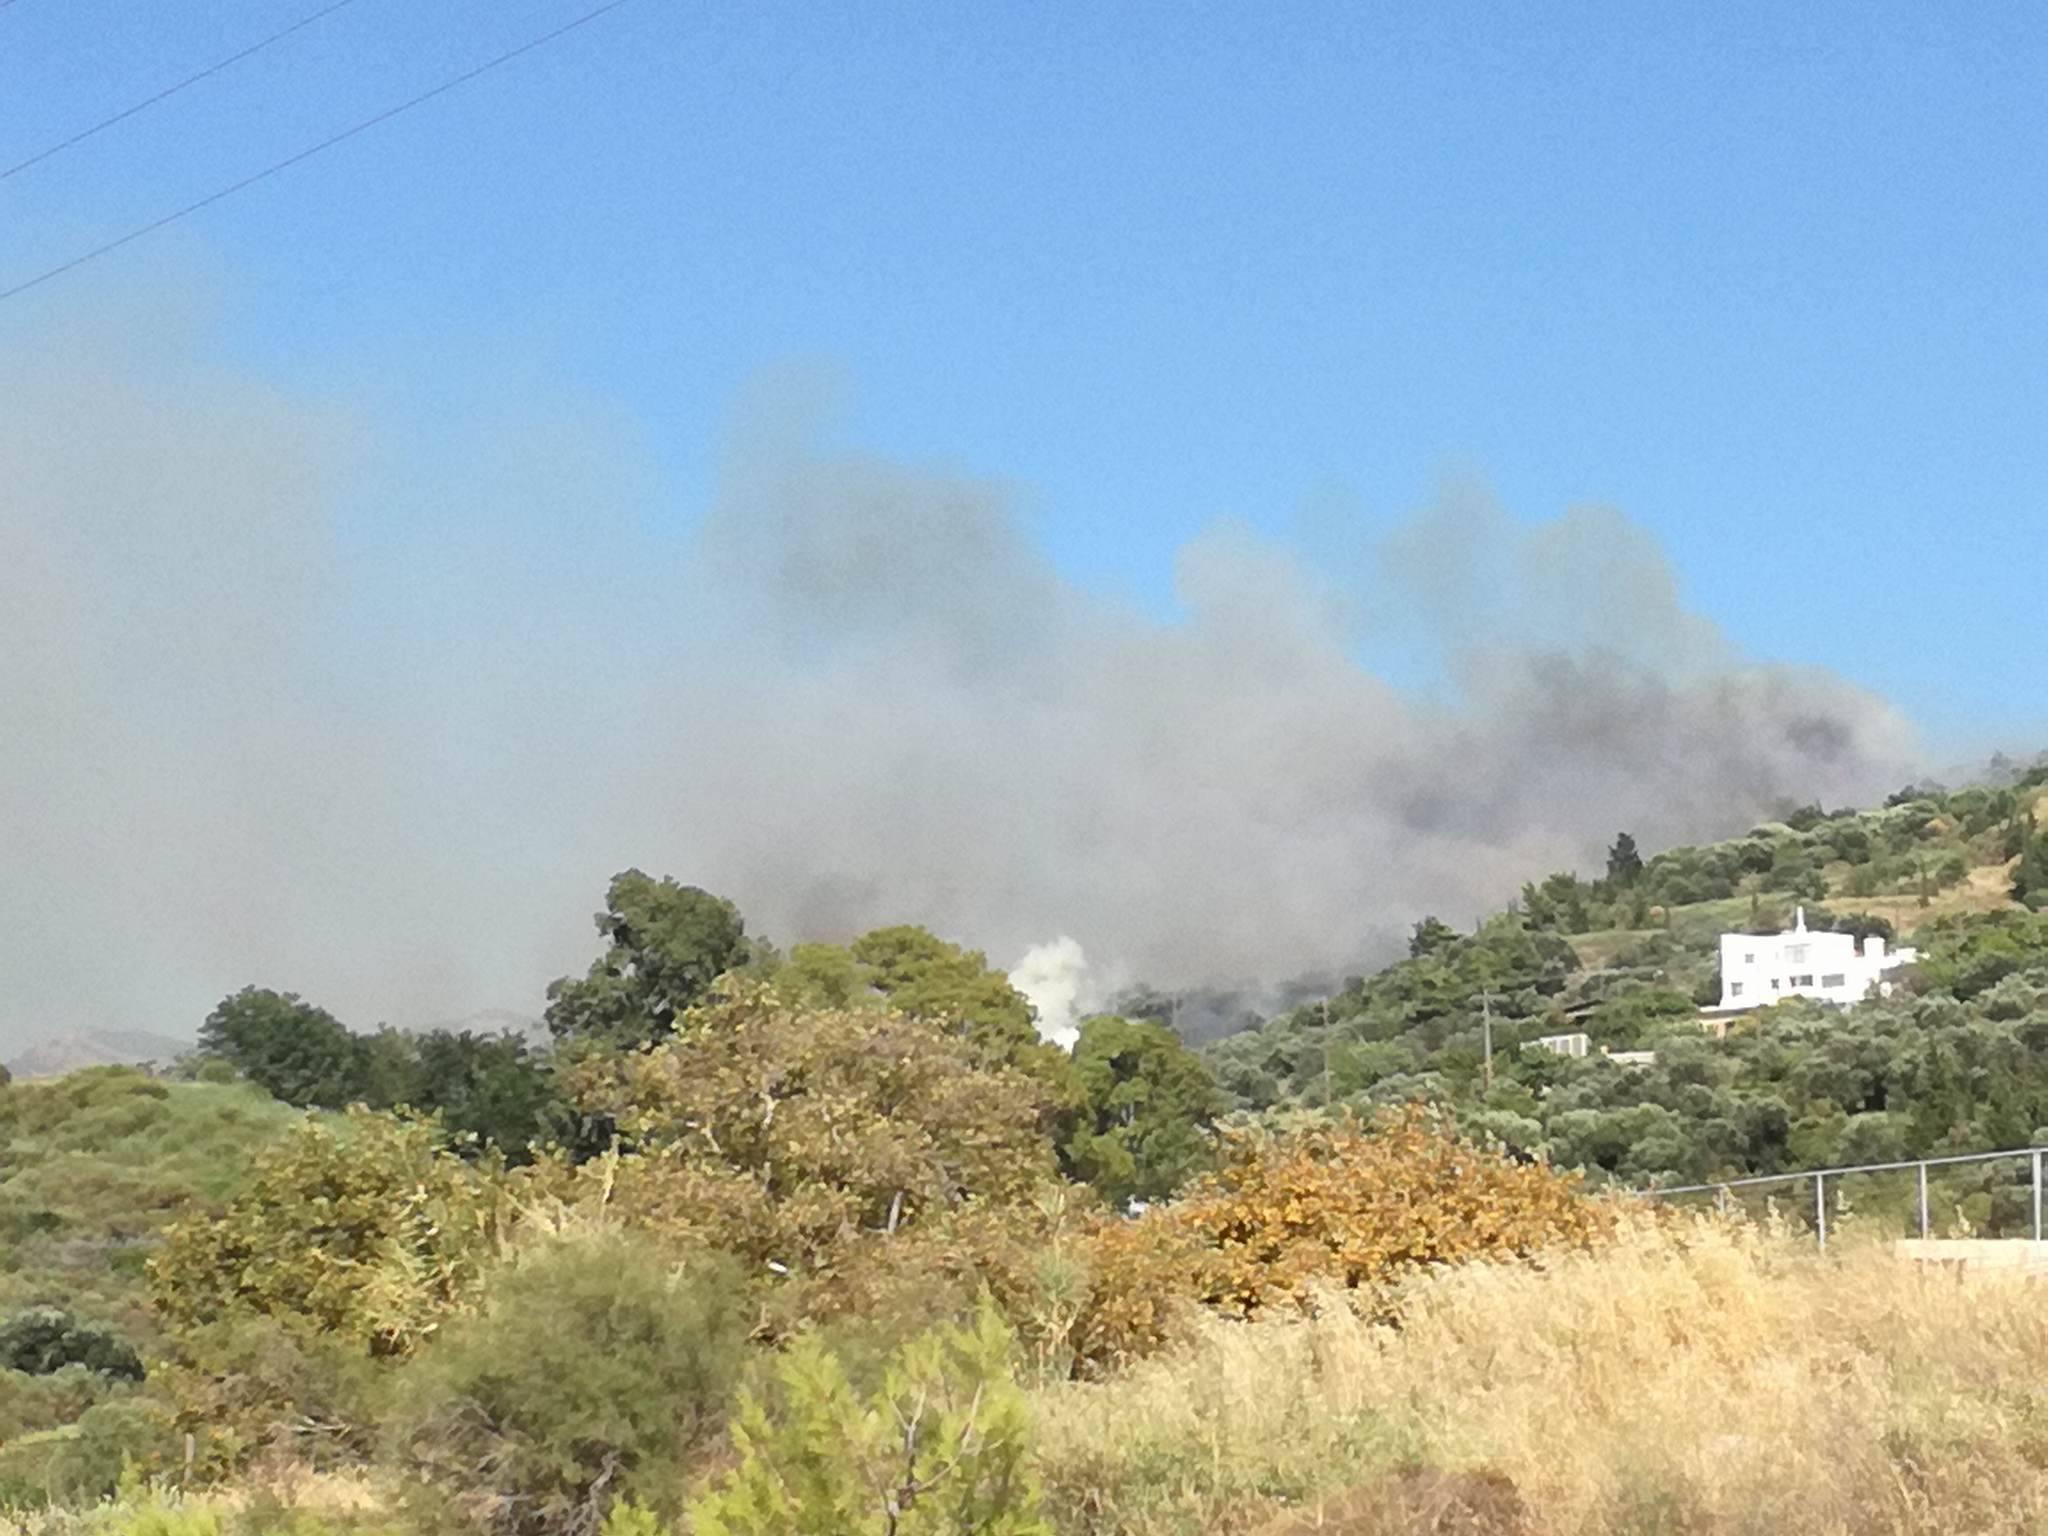 Πάτρα: Φωτιά στο Καστρίτσι, κοντά στη Μαγούλα - Απειλούνται σπίτια (ΦΩΤΟ-ΒΙΝΤΕΟ)